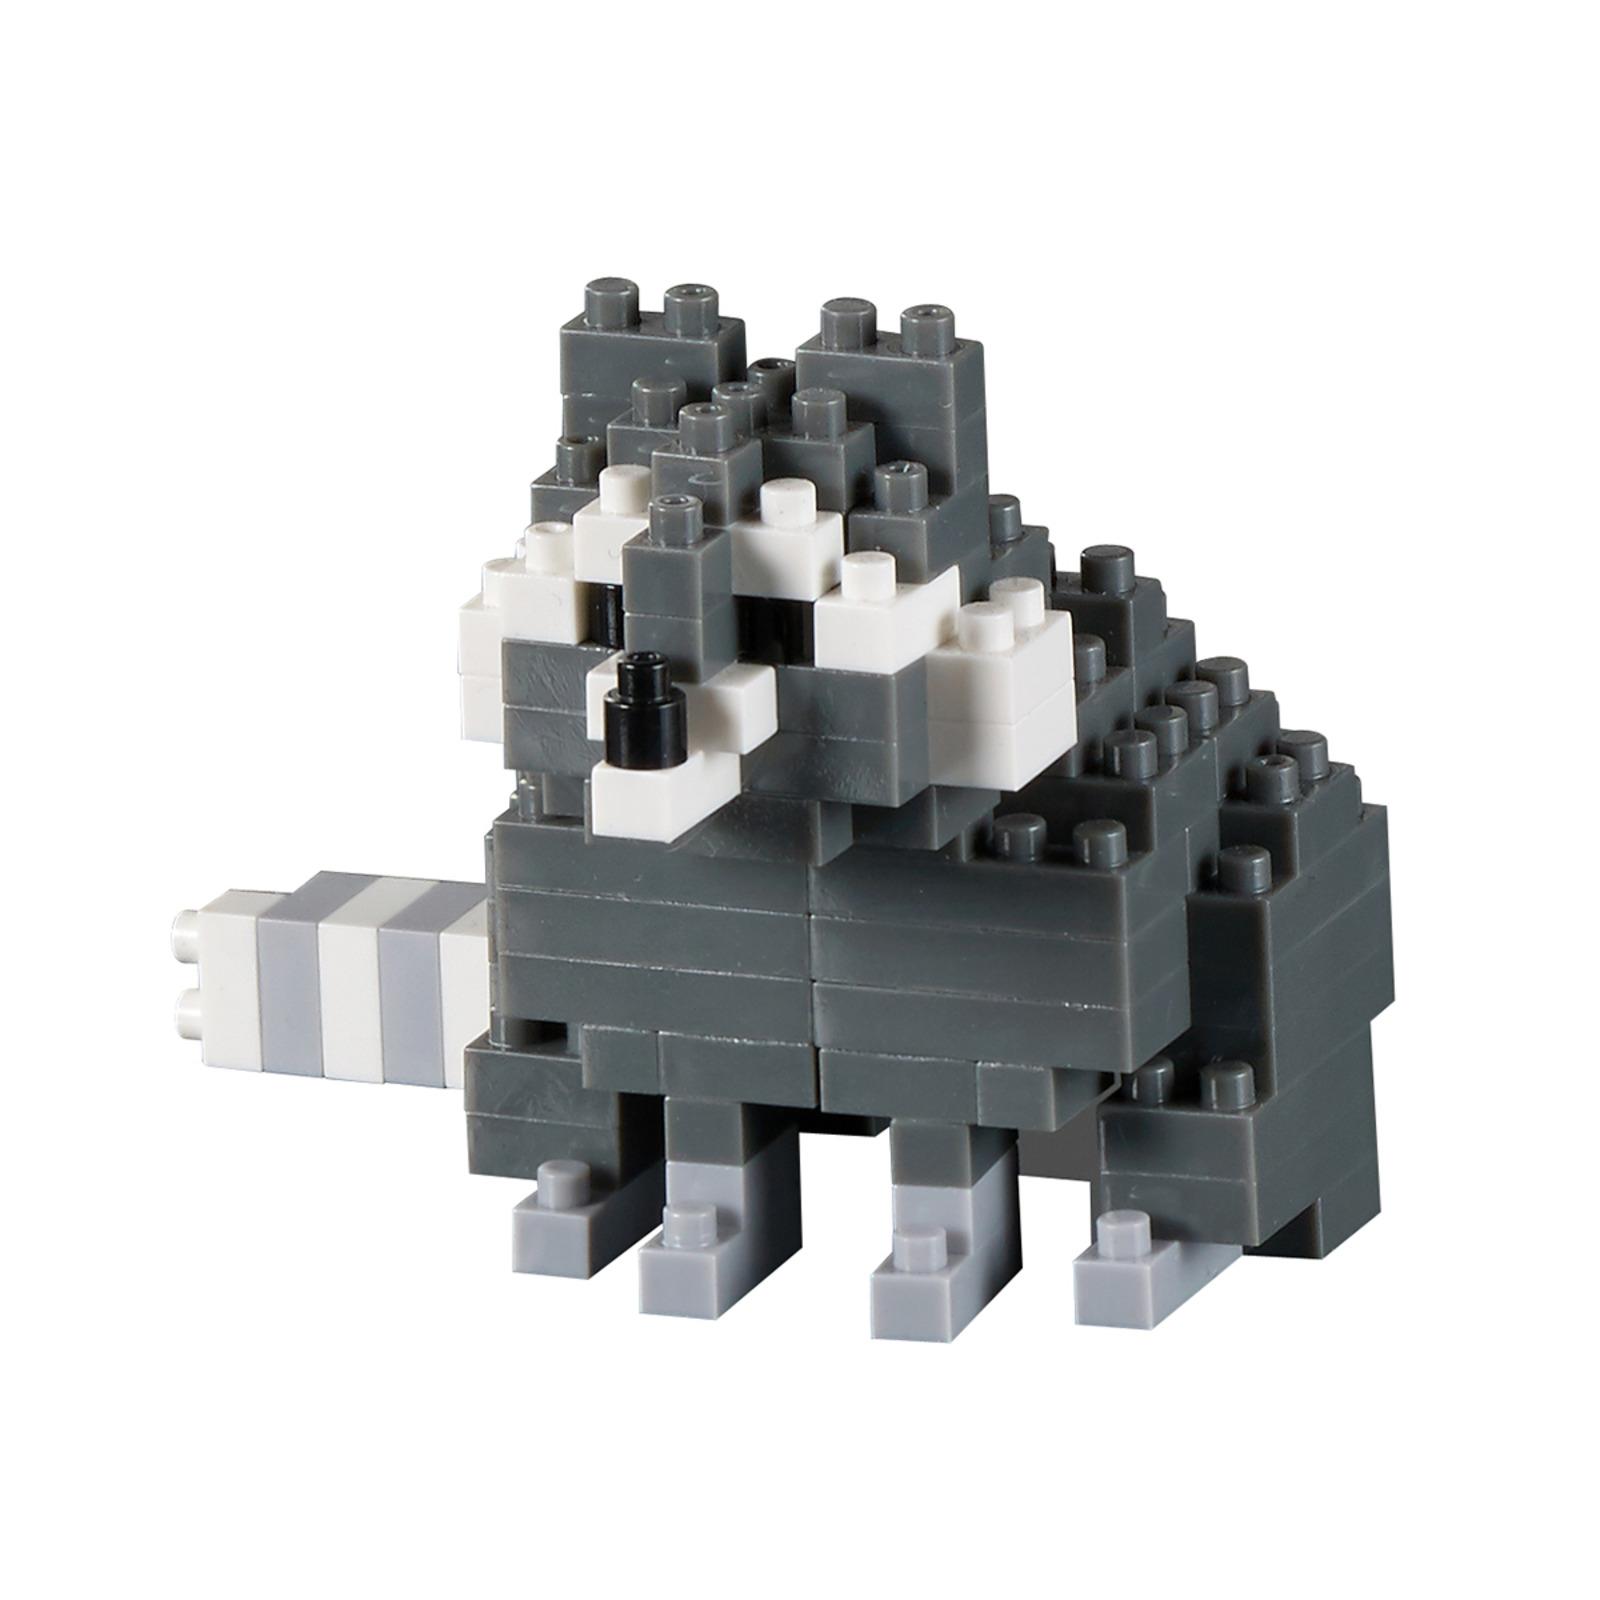 Brixies Raccoon (200.131)